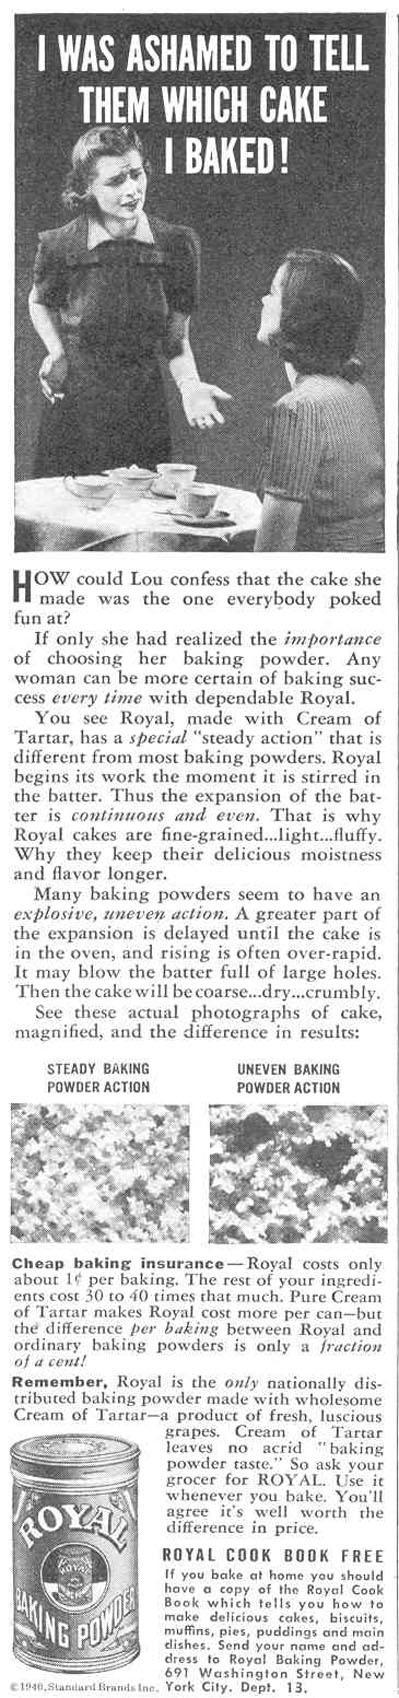 ROYAL BAKING POWDER GOOD HOUSEKEEPING 03/01/1940 p. 70